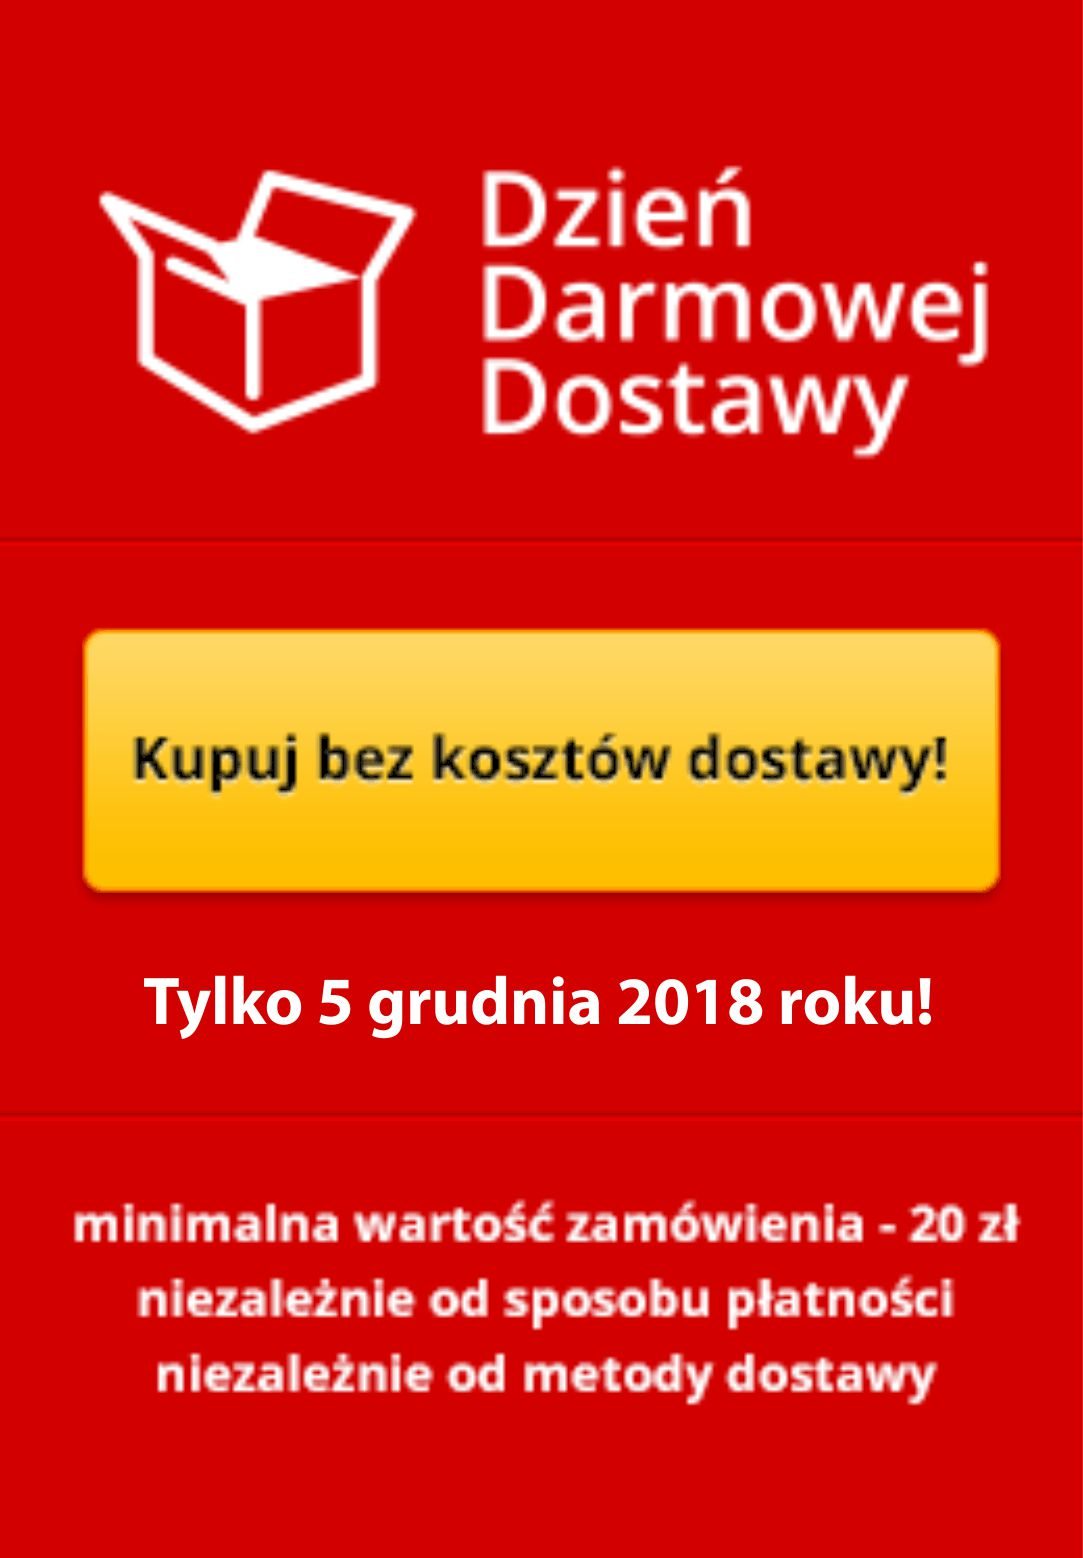 dzien_darmowej_dostawy